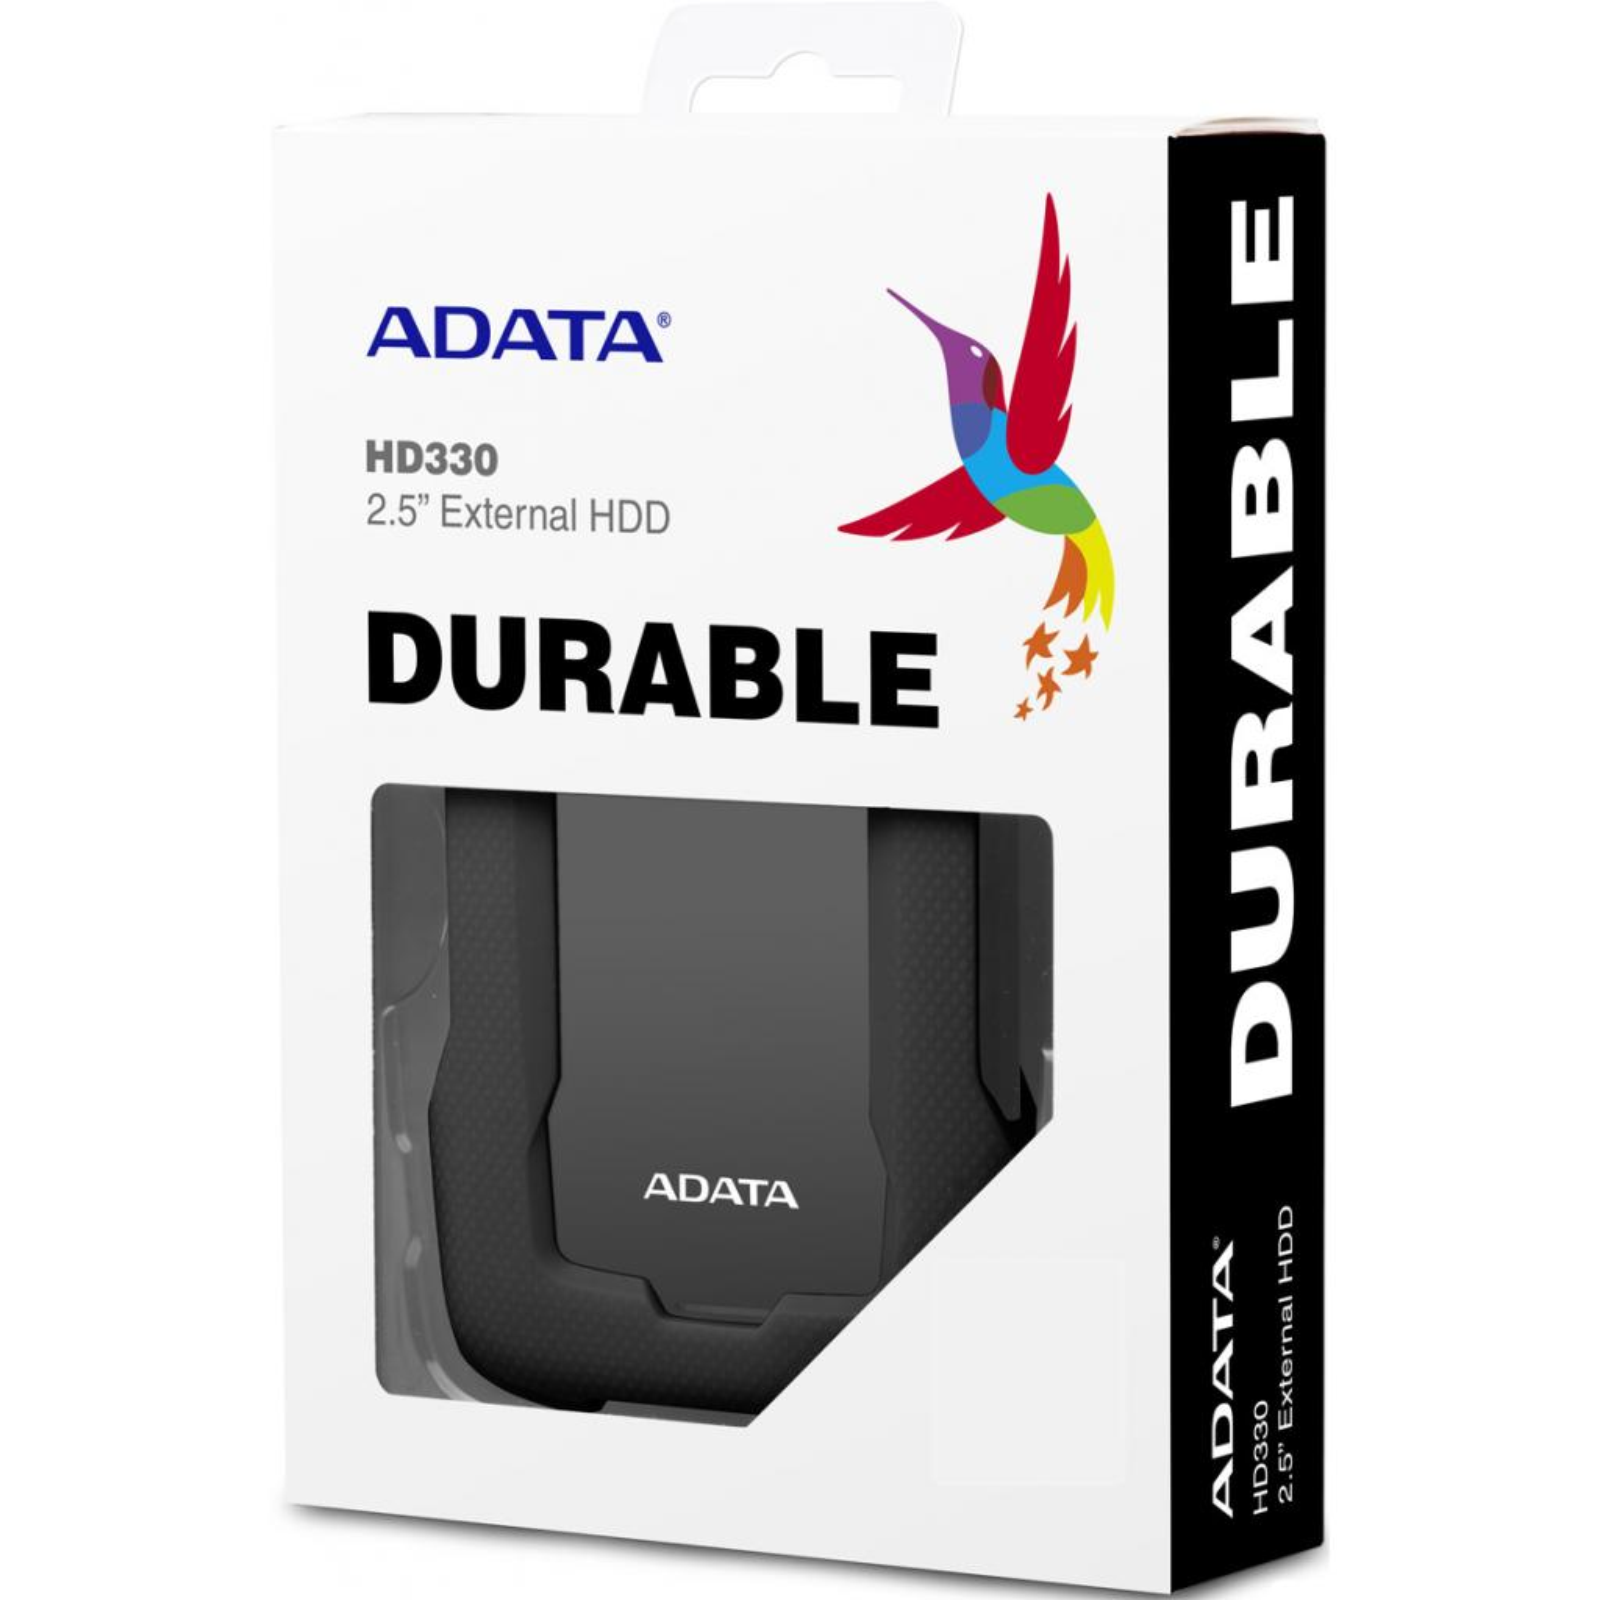 """Внешний жесткий диск 2.5"""" 1TB ADATA (AHD330-1TU31-CBL) изображение 4"""